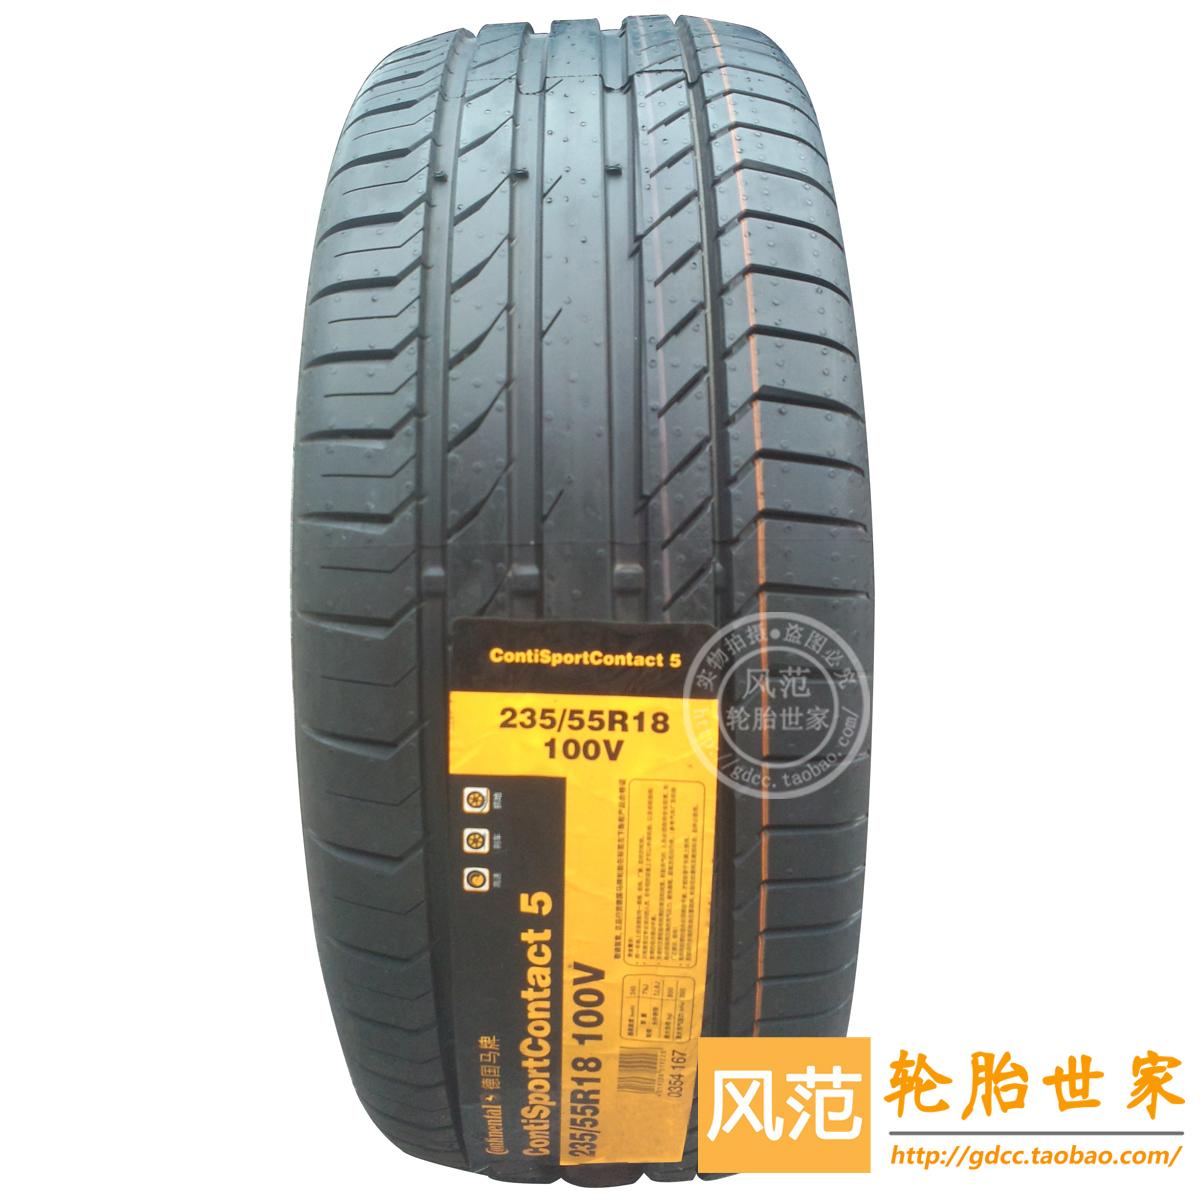 马牌轮胎 235/55R18 100V CSC5 适配比亚迪S7 塞纳 科帕奇轮胎